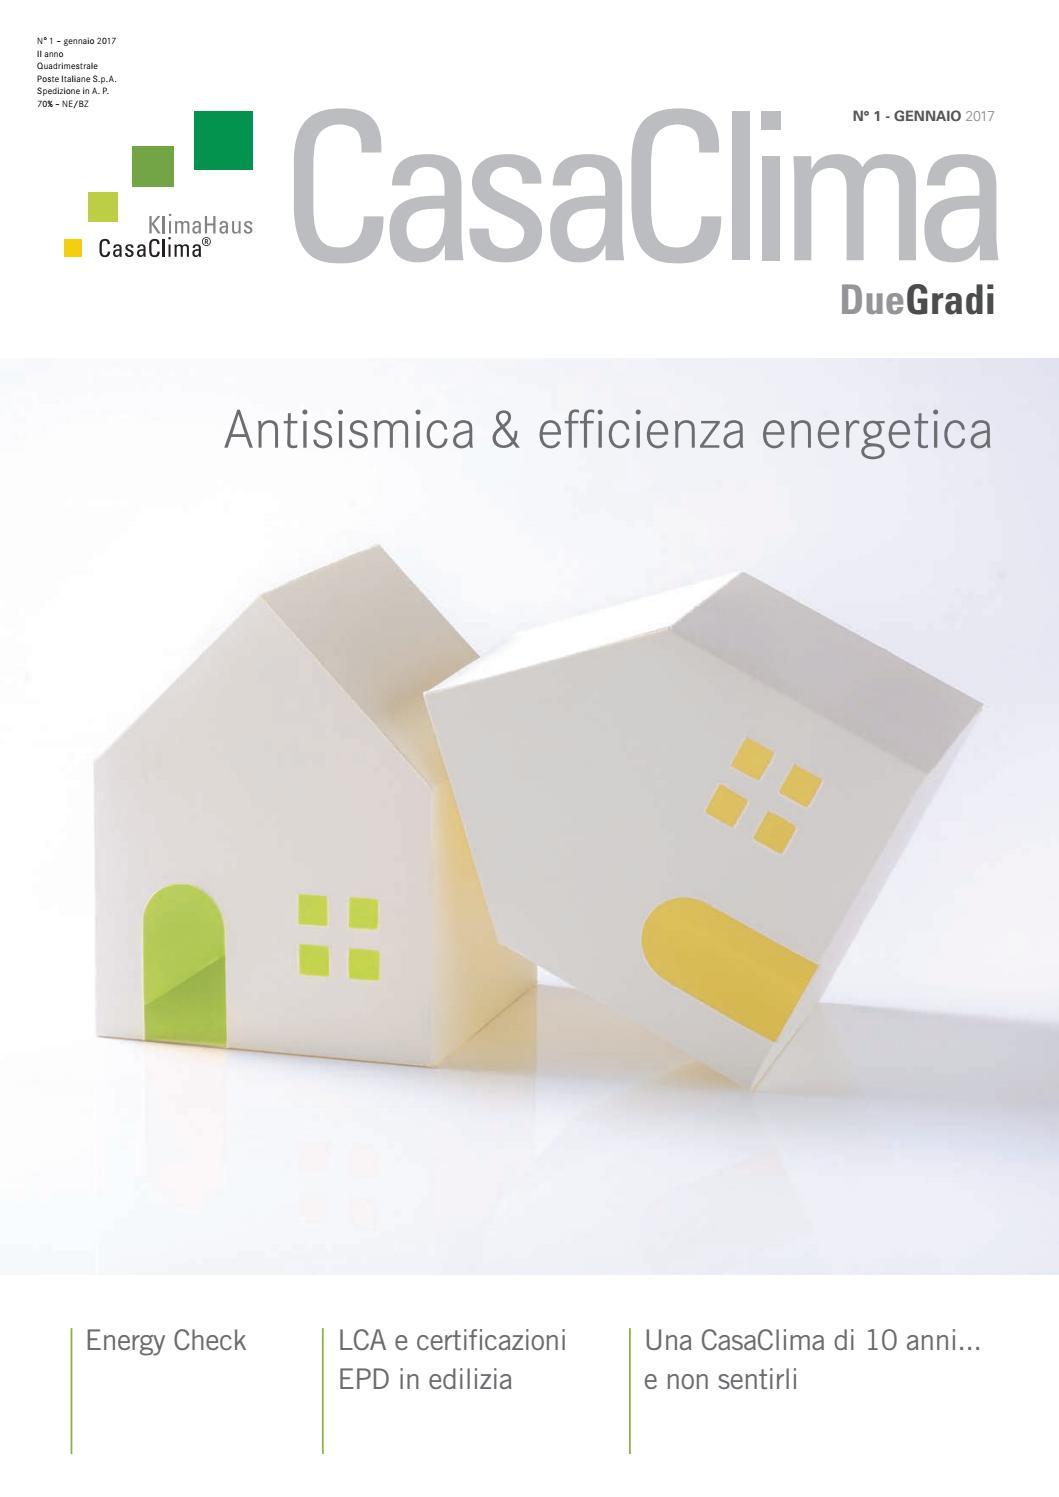 Schemi Elettrici Hormann : Casaclima duegradi 1 2017 by klimahaus agentur agenzia casaclima issuu